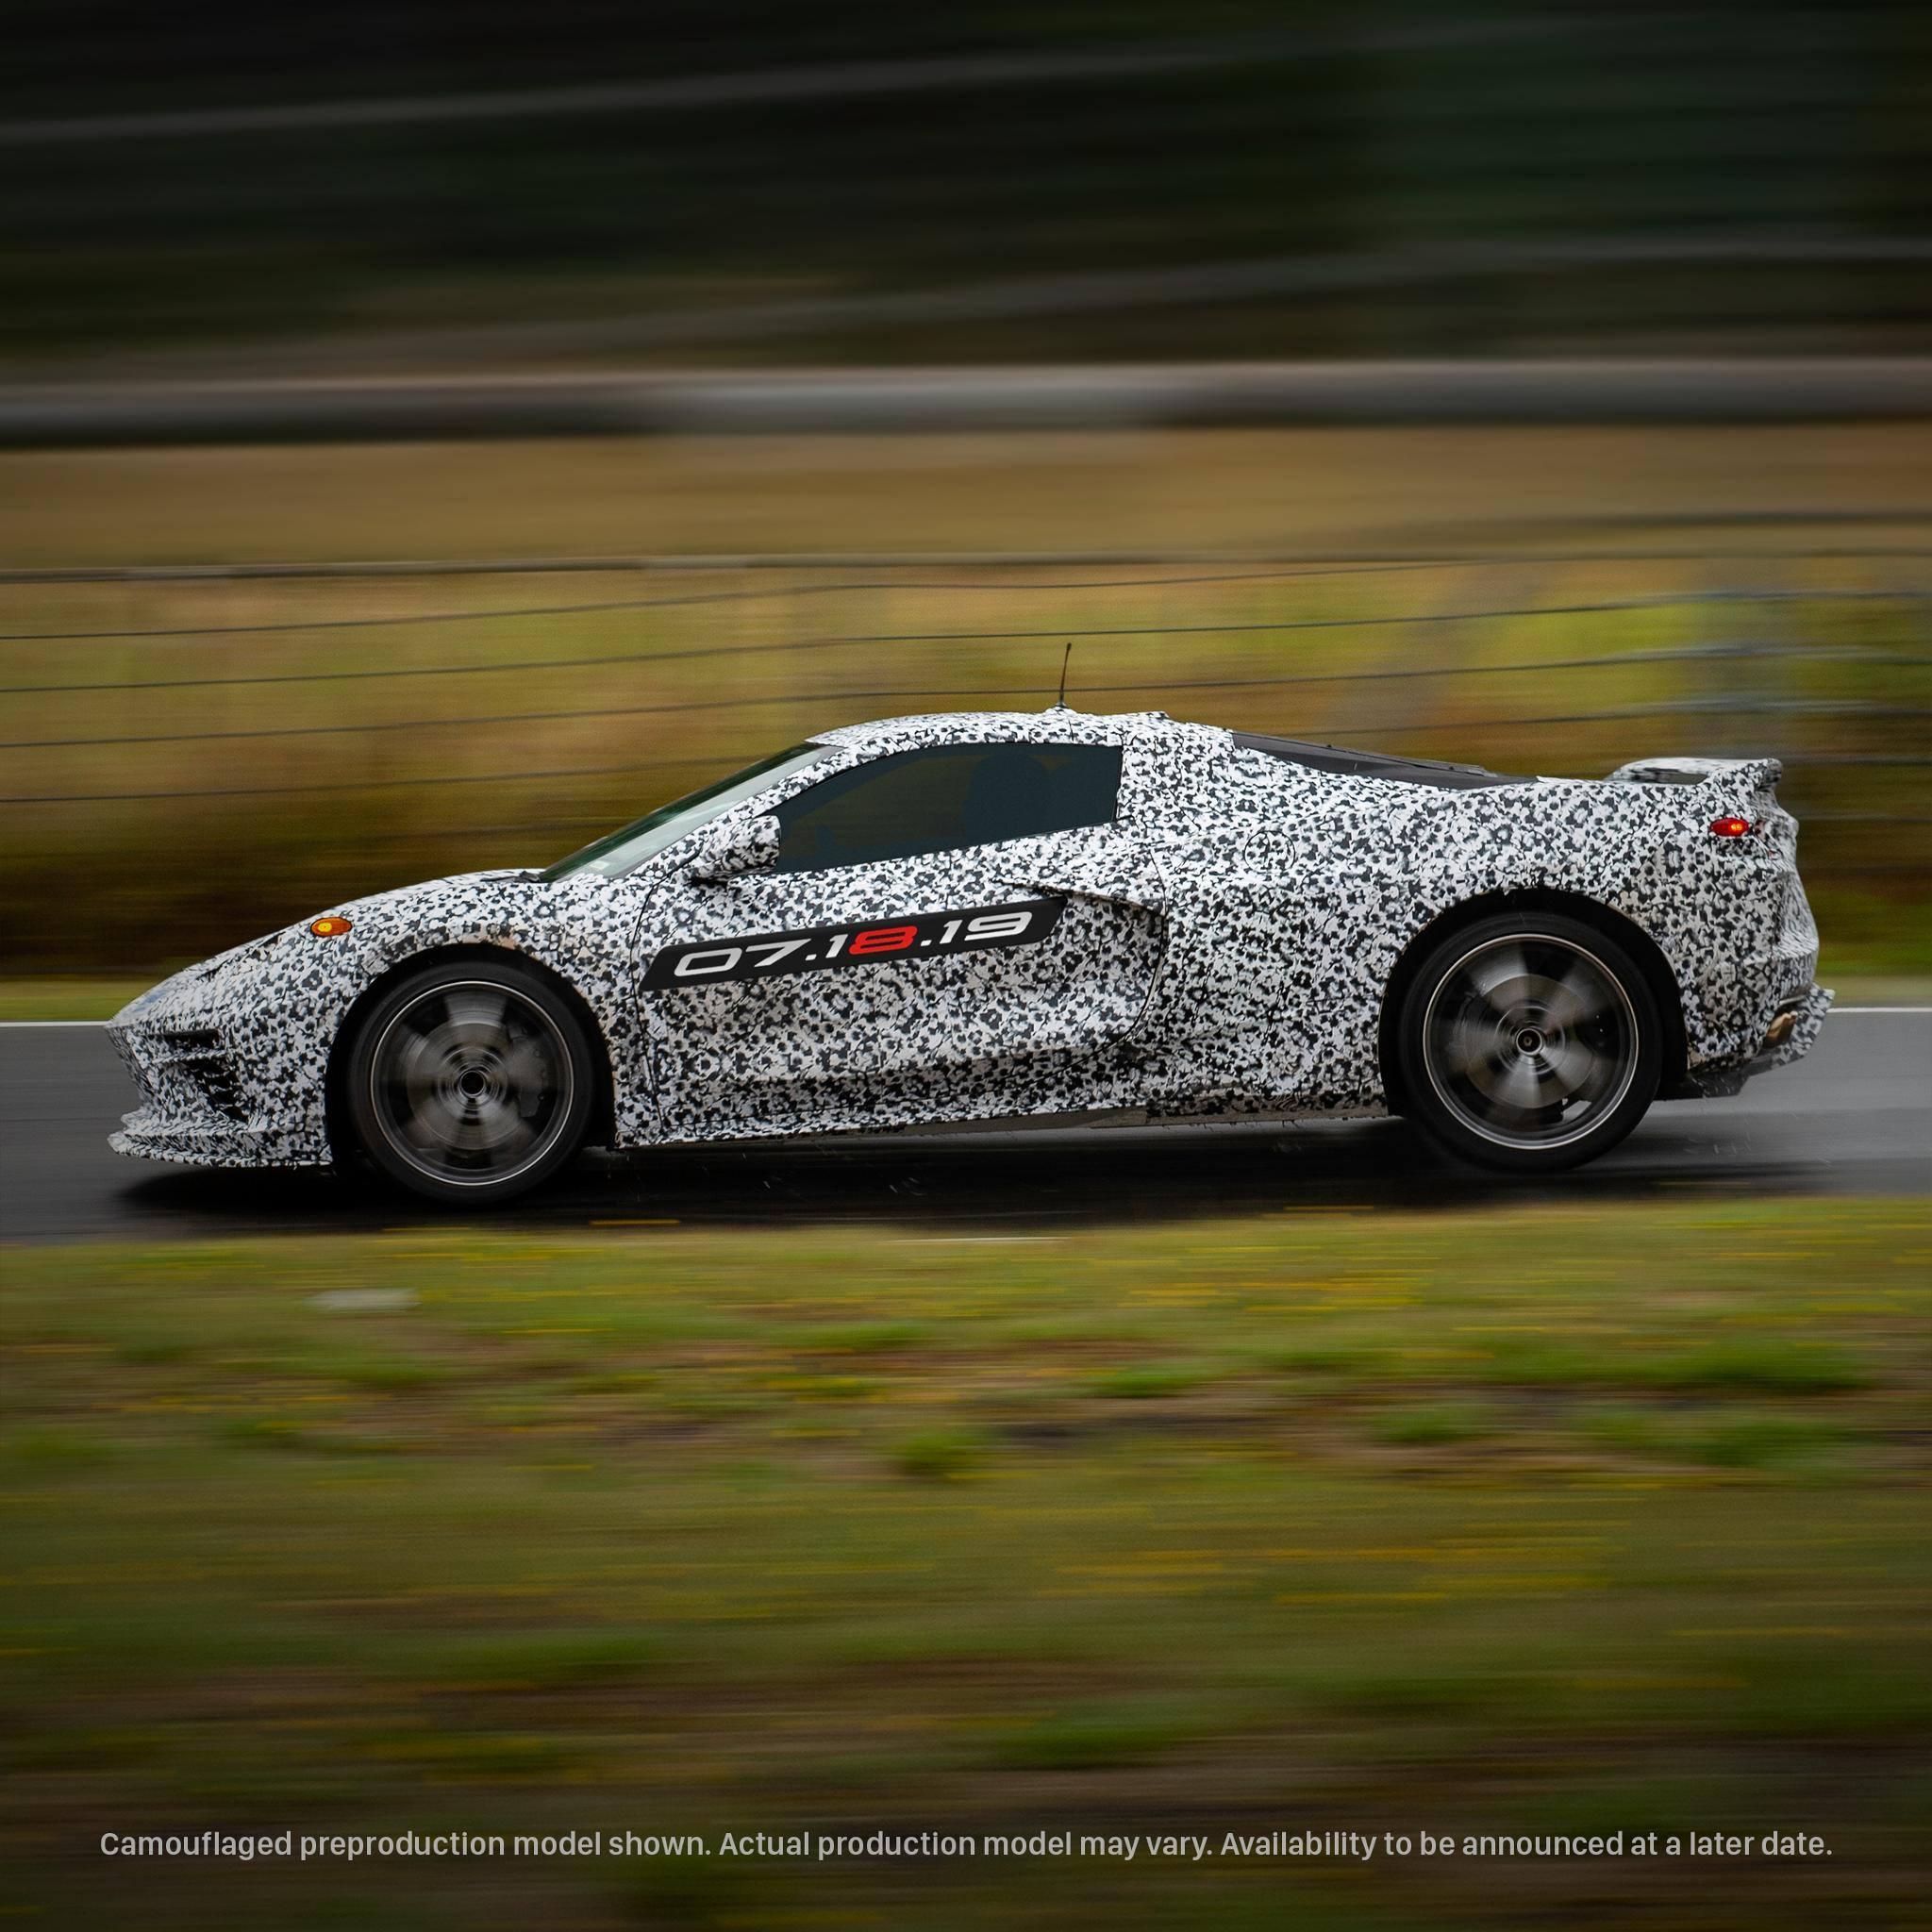 2020 corvette c8 reveal date